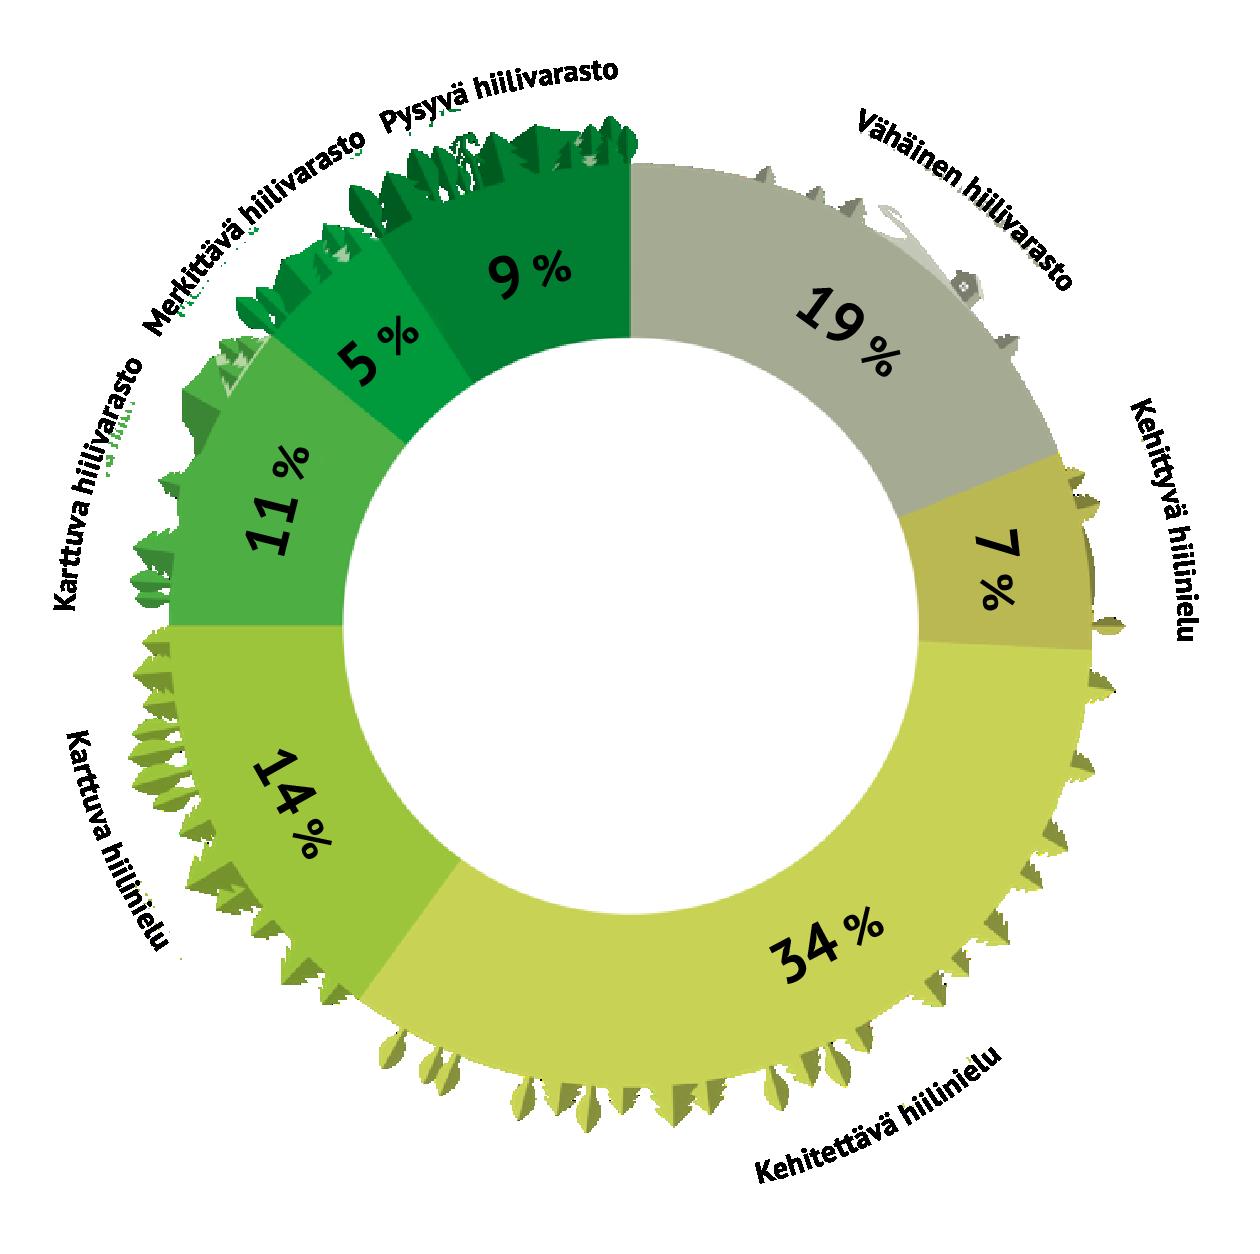 Kuvio kertoo, miten monikäyttömetsät jakautuvat prosentuaalisesti hiililuokituksen mukaan. Luokitukset ja prosentuaalinen jakauma on kerrottu leipätekstissä ennen kuvaa.